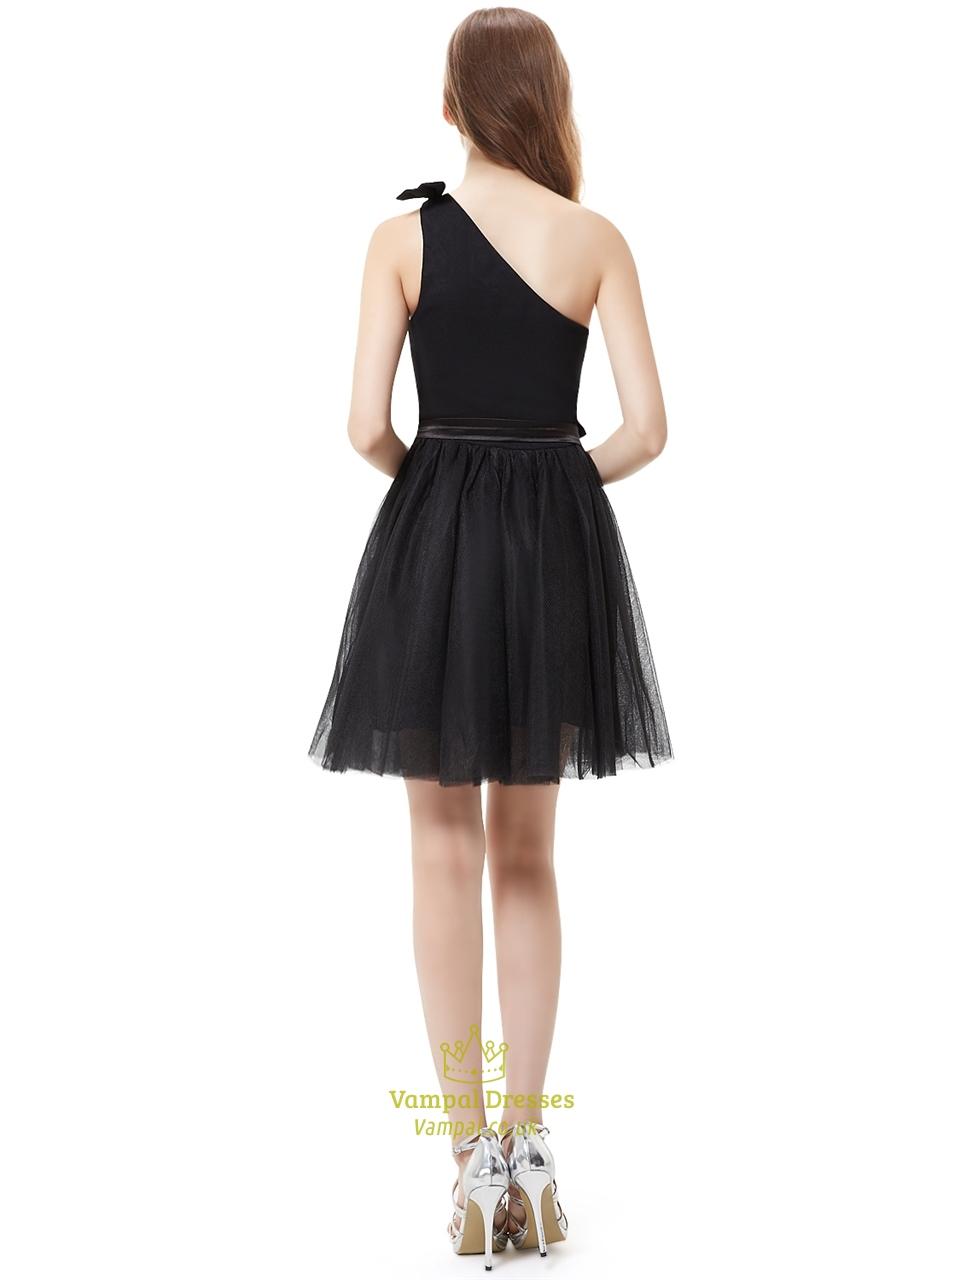 Little Black One Shoulder Tulle Short Cocktail Dress With